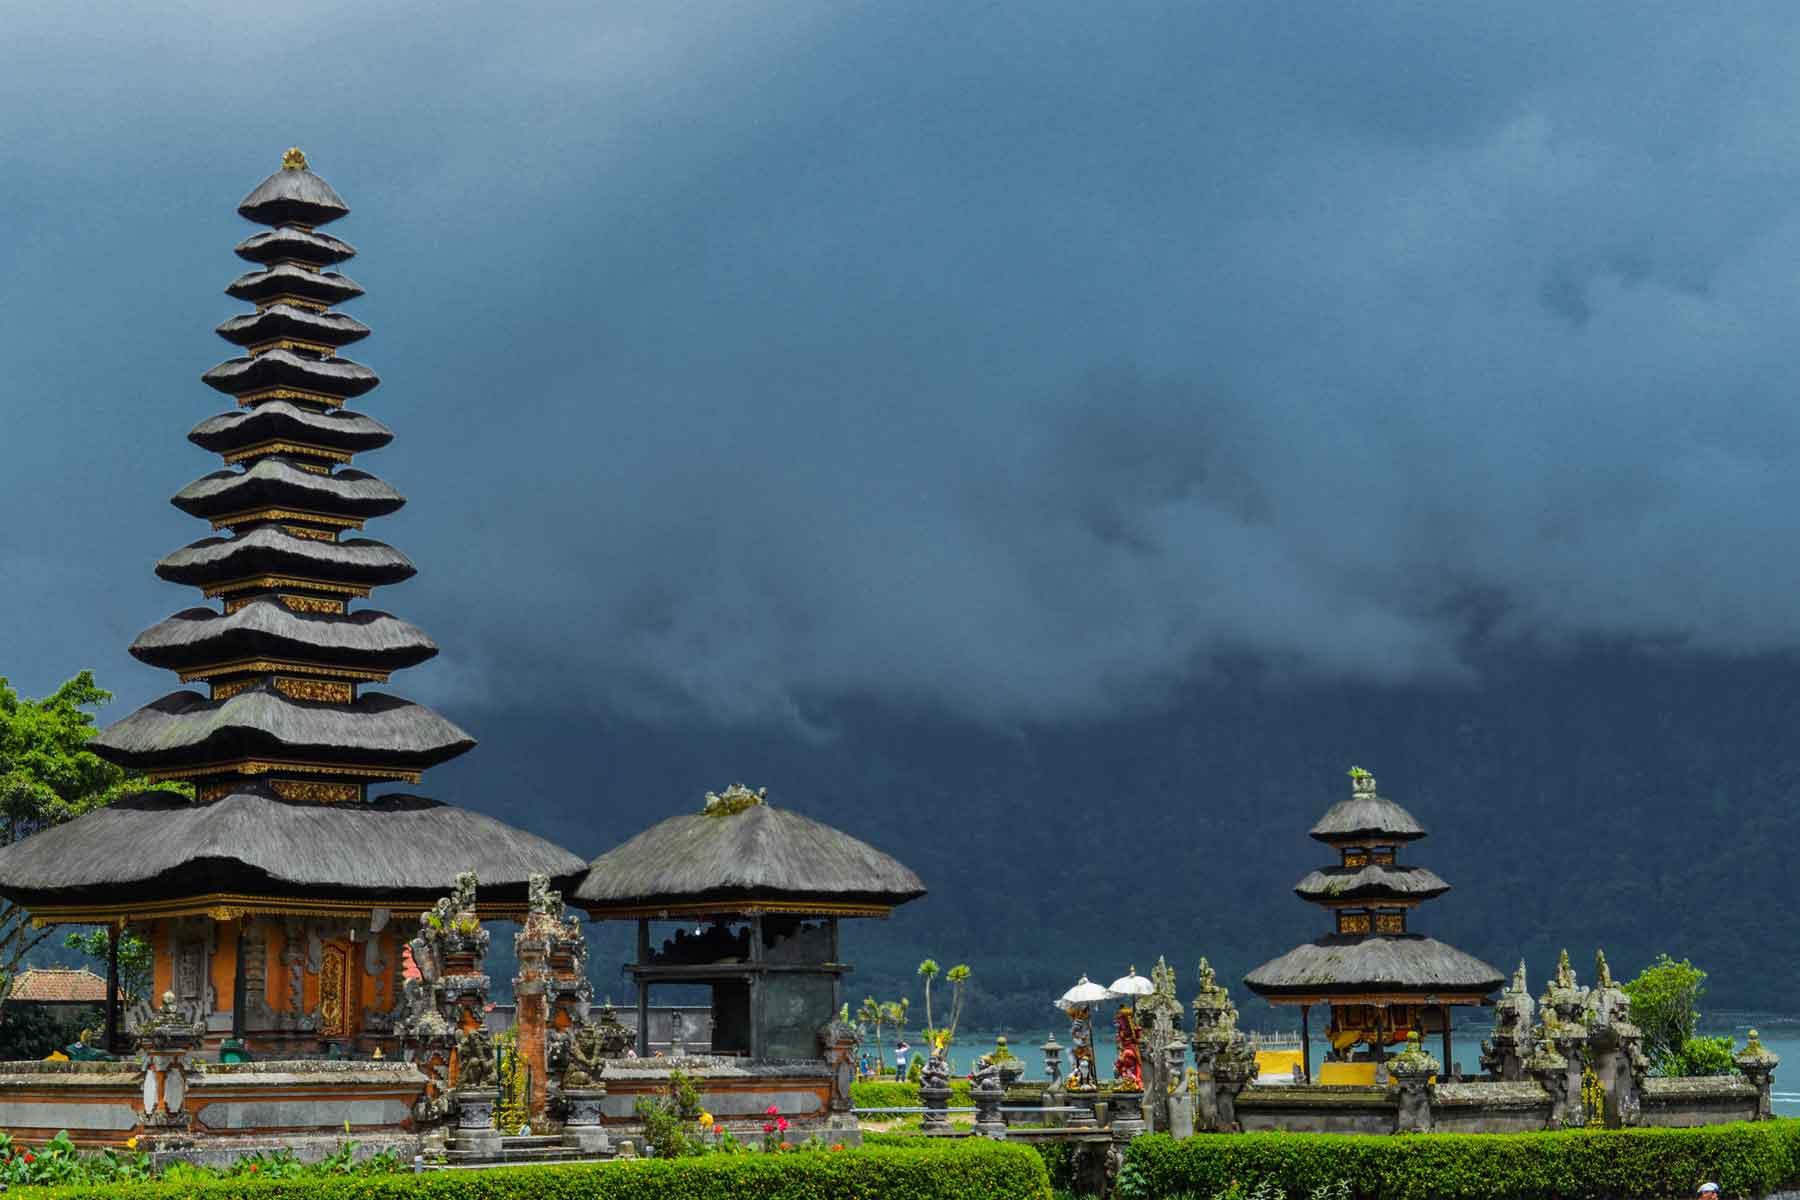 بالی اندونزی از زیباترین مقاصد آسیایی